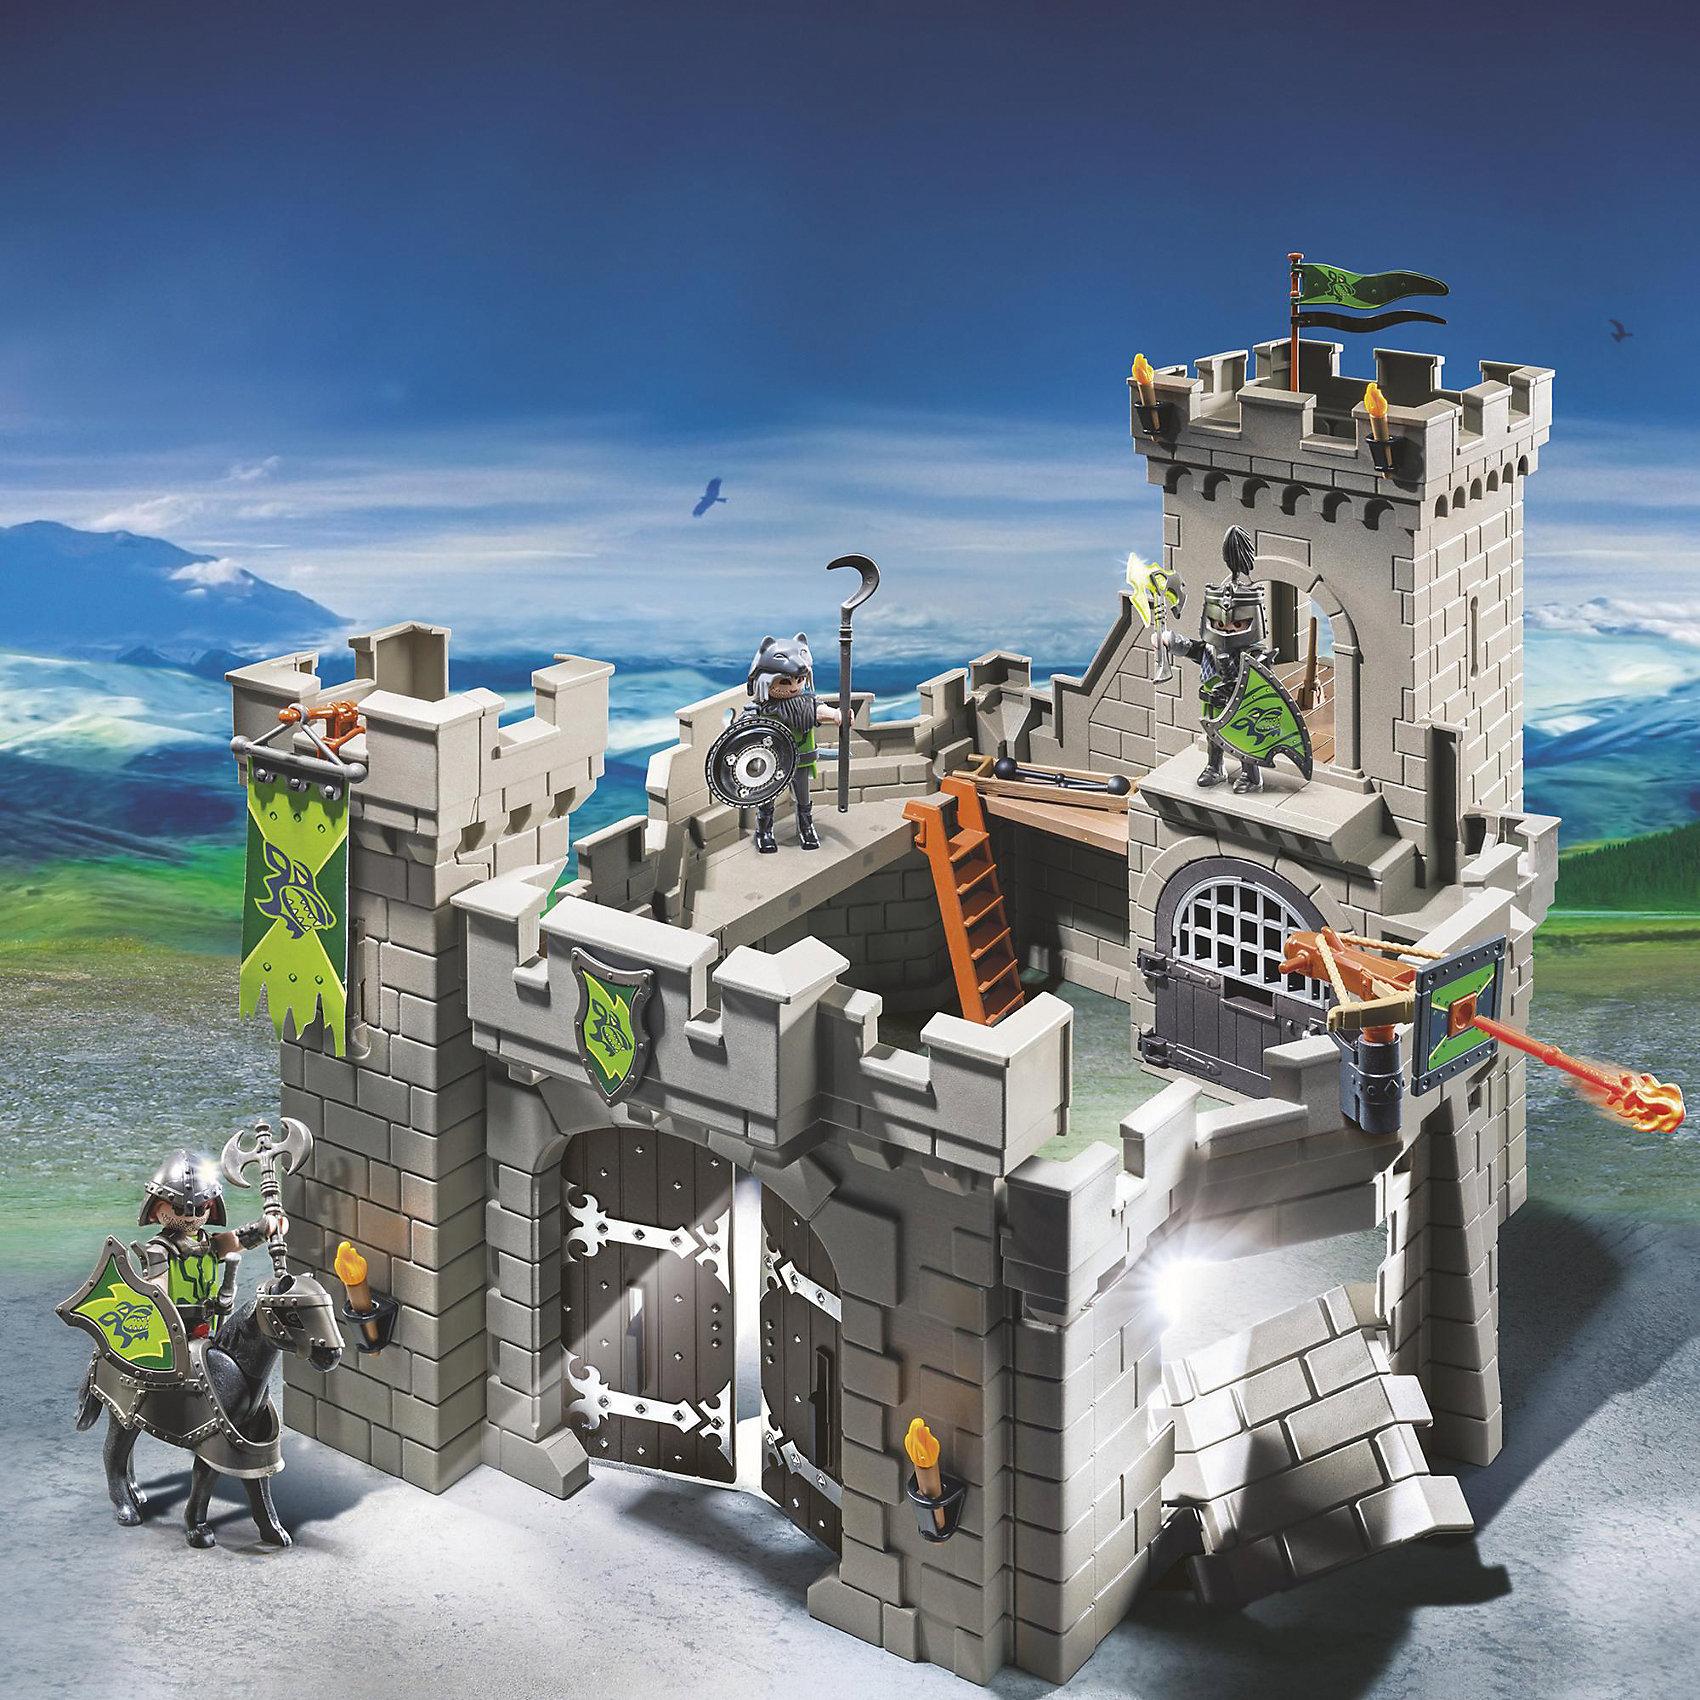 Замок Рыцарей Волка, PLAYMOBILКонструктор PLAYMOBIL (Плеймобил) 6002 Рыцари: Замок Рыцарей Волка - прекрасная возможность для ребенка проявить свою фантазию! Времена доблестных рыцарей, прекрасных дам и захватывающих приключений всегда будут для детей очень интересными. С помощью деталей набора Замок Рыцарей Волка Вы сможете построить настоящий замок, полный ходов и ловушек. Прочные стены замка надежно охраняют три рыцаря. Воры пробили дыру в стене и готовятся попасть внутрь! Катапульта стреляет без перерыва. Конструктор Замок Рыцарей Волка дает ребенку множество игровых возможностей: в него интересно играть как одному, так и целой компанией. Создай увлекательные сюжеты с набором Замок Рыцарей Волка или объедини его с другими наборами серии и игра станет еще интереснее. Придумывая увлекательные сюжеты с деталями конструктора, Ваш ребенок развивает фантазию, мышление и просто прекрасно проводит время!<br><br>Дополнительная информация:<br><br>- Конструкторы PLAYMOBIL (Плеймобил) отлично развивают мелкую моторику, фантазию и воображение;<br>- В наборе: 3 минифигурки рыцарей, детали для строительства замка, лошадь, лестницы, флаги, щиты, оружие, аксессуары;<br>- Материал: безопасный пластик;<br>- Размер минифигурок: 7,5 см;<br>- Размер упаковки: 35 х 45 х 12 см<br><br>Конструктор PLAYMOBIL (Плеймобил) 6002 Рыцари: Замок Рыцарей Волка можно купить в нашем интернет-магазине.<br><br>Ширина мм: 365<br>Глубина мм: 265<br>Высота мм: 465<br>Вес г: 2365<br>Возраст от месяцев: 48<br>Возраст до месяцев: 120<br>Пол: Мужской<br>Возраст: Детский<br>SKU: 4143341